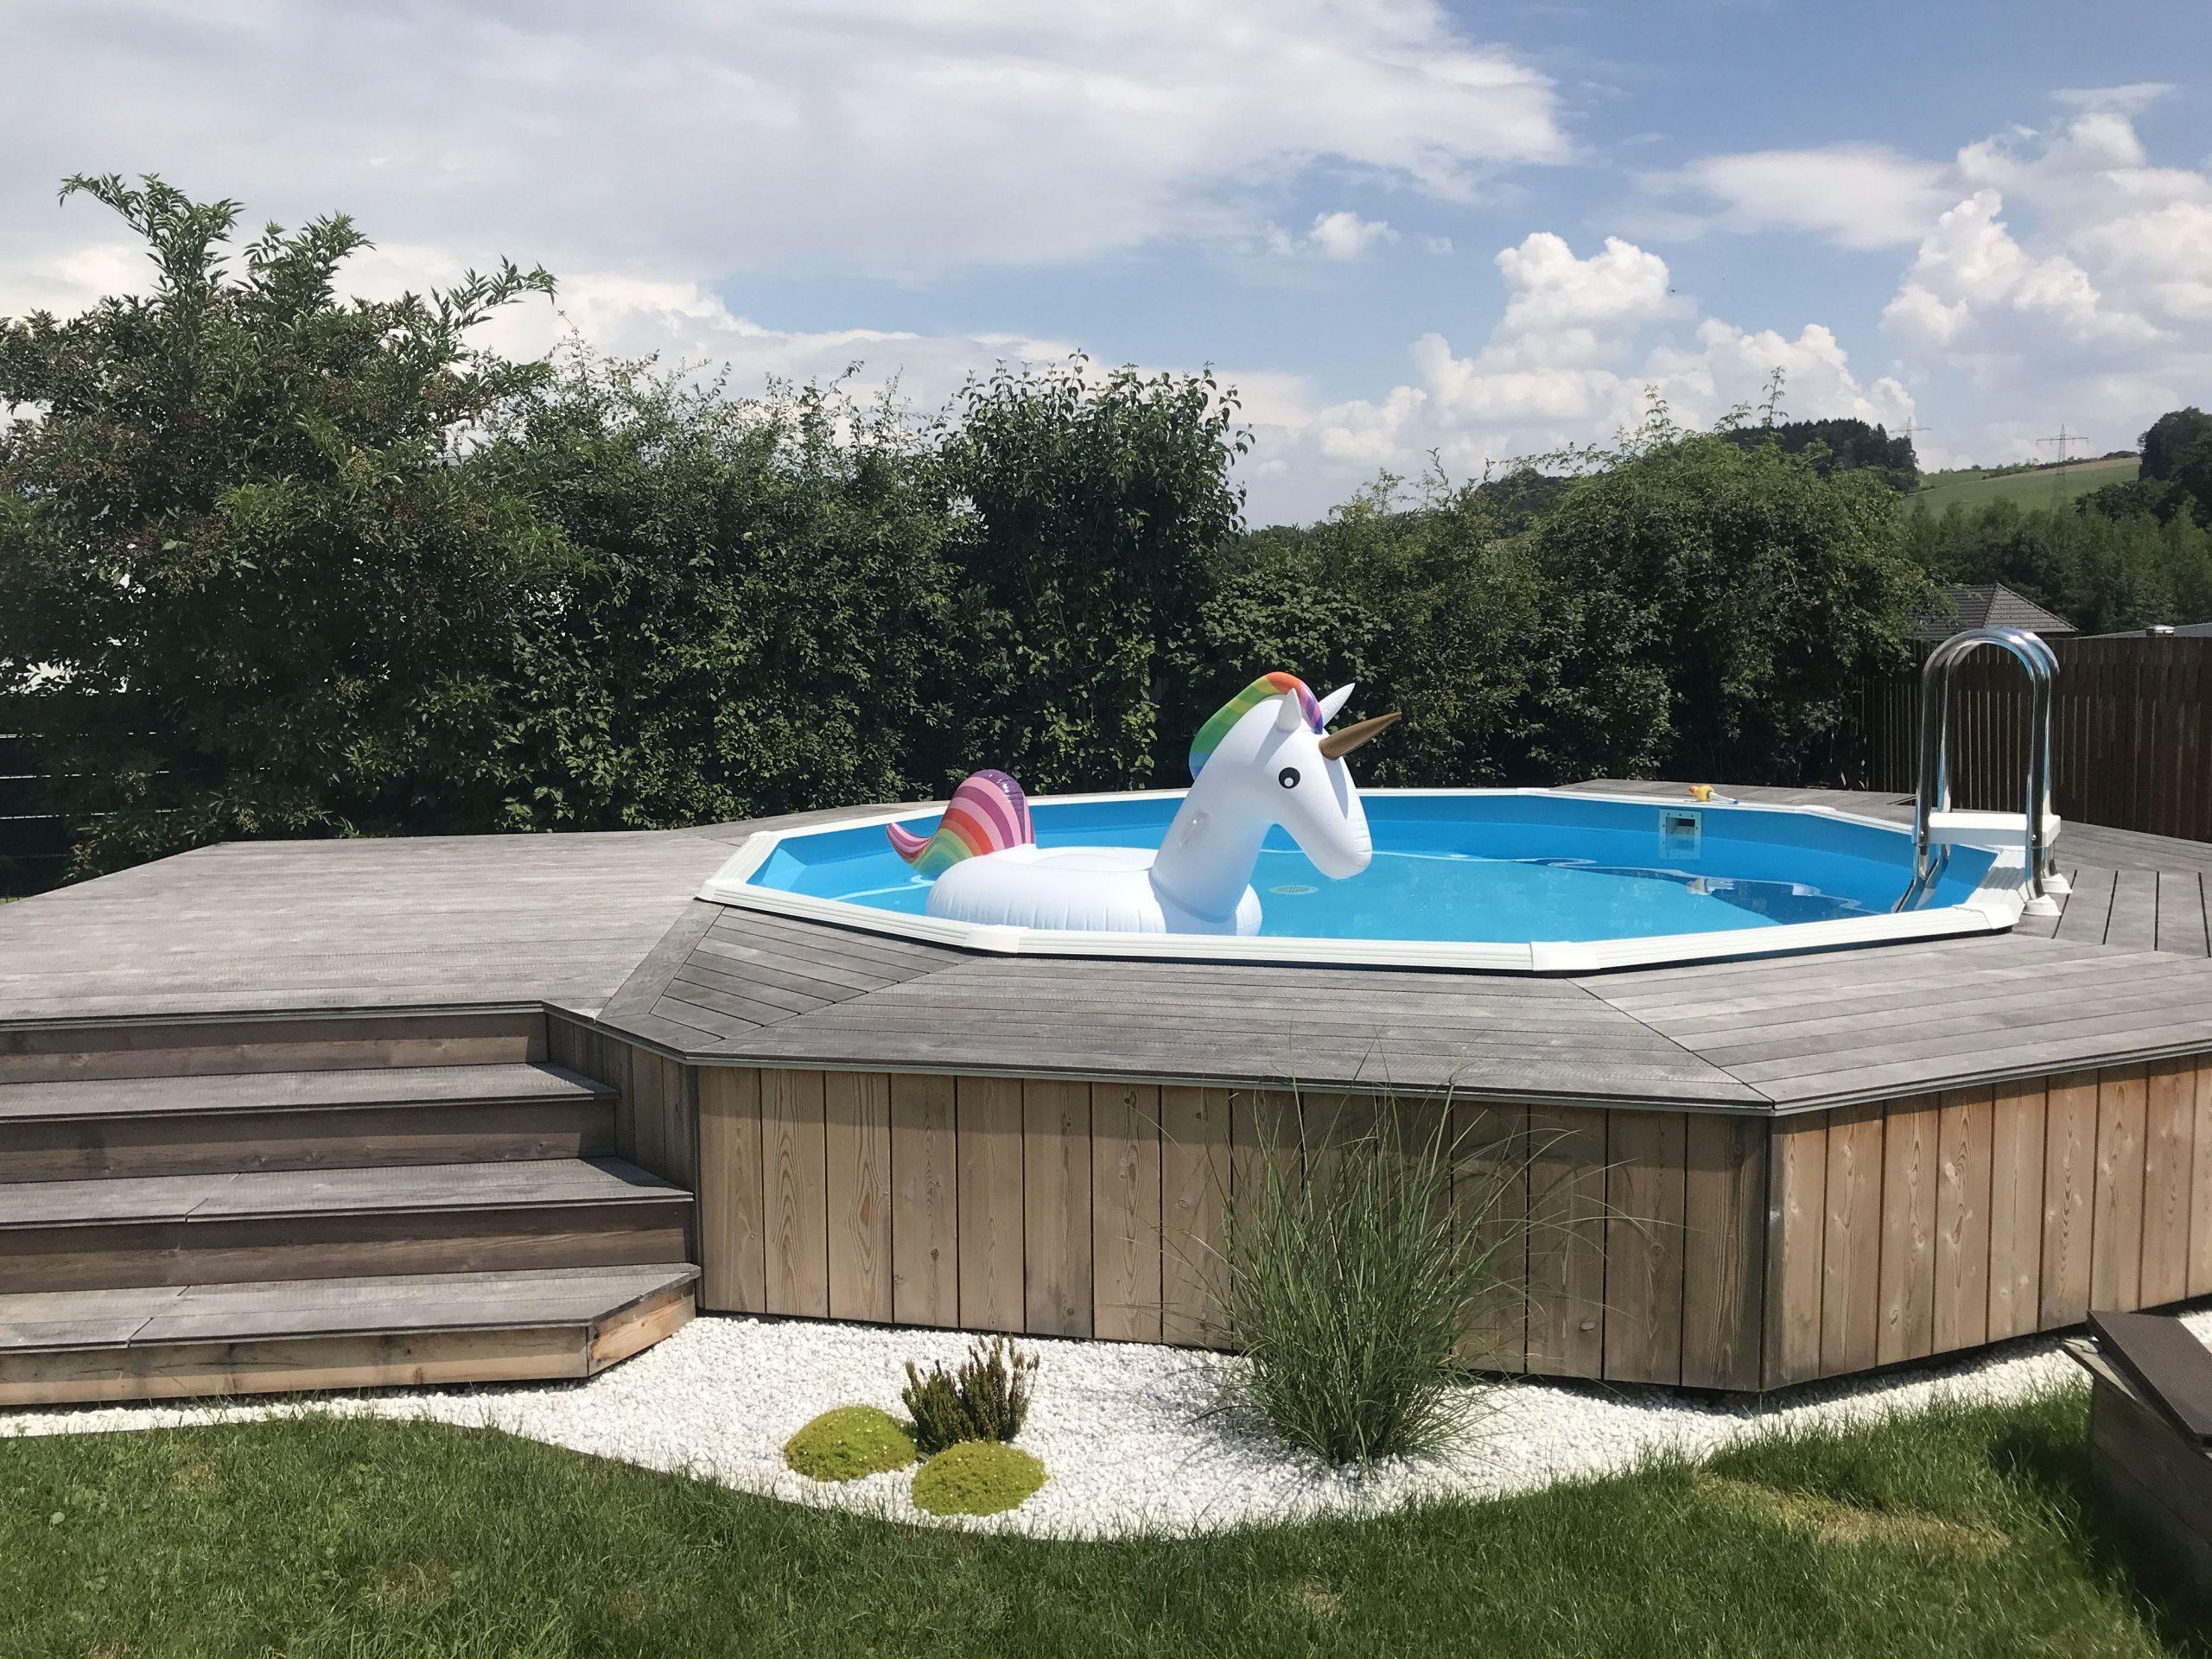 Full Size of Pool Im Garten Erlaubt Aufstellen Untergrund Bauen Genehmigungspflichtig Eigenen Kosten Richtig Lassen Genehmigung Baugenehmigung Swimming Selber Erlaubte Wohnzimmer Pool Im Garten